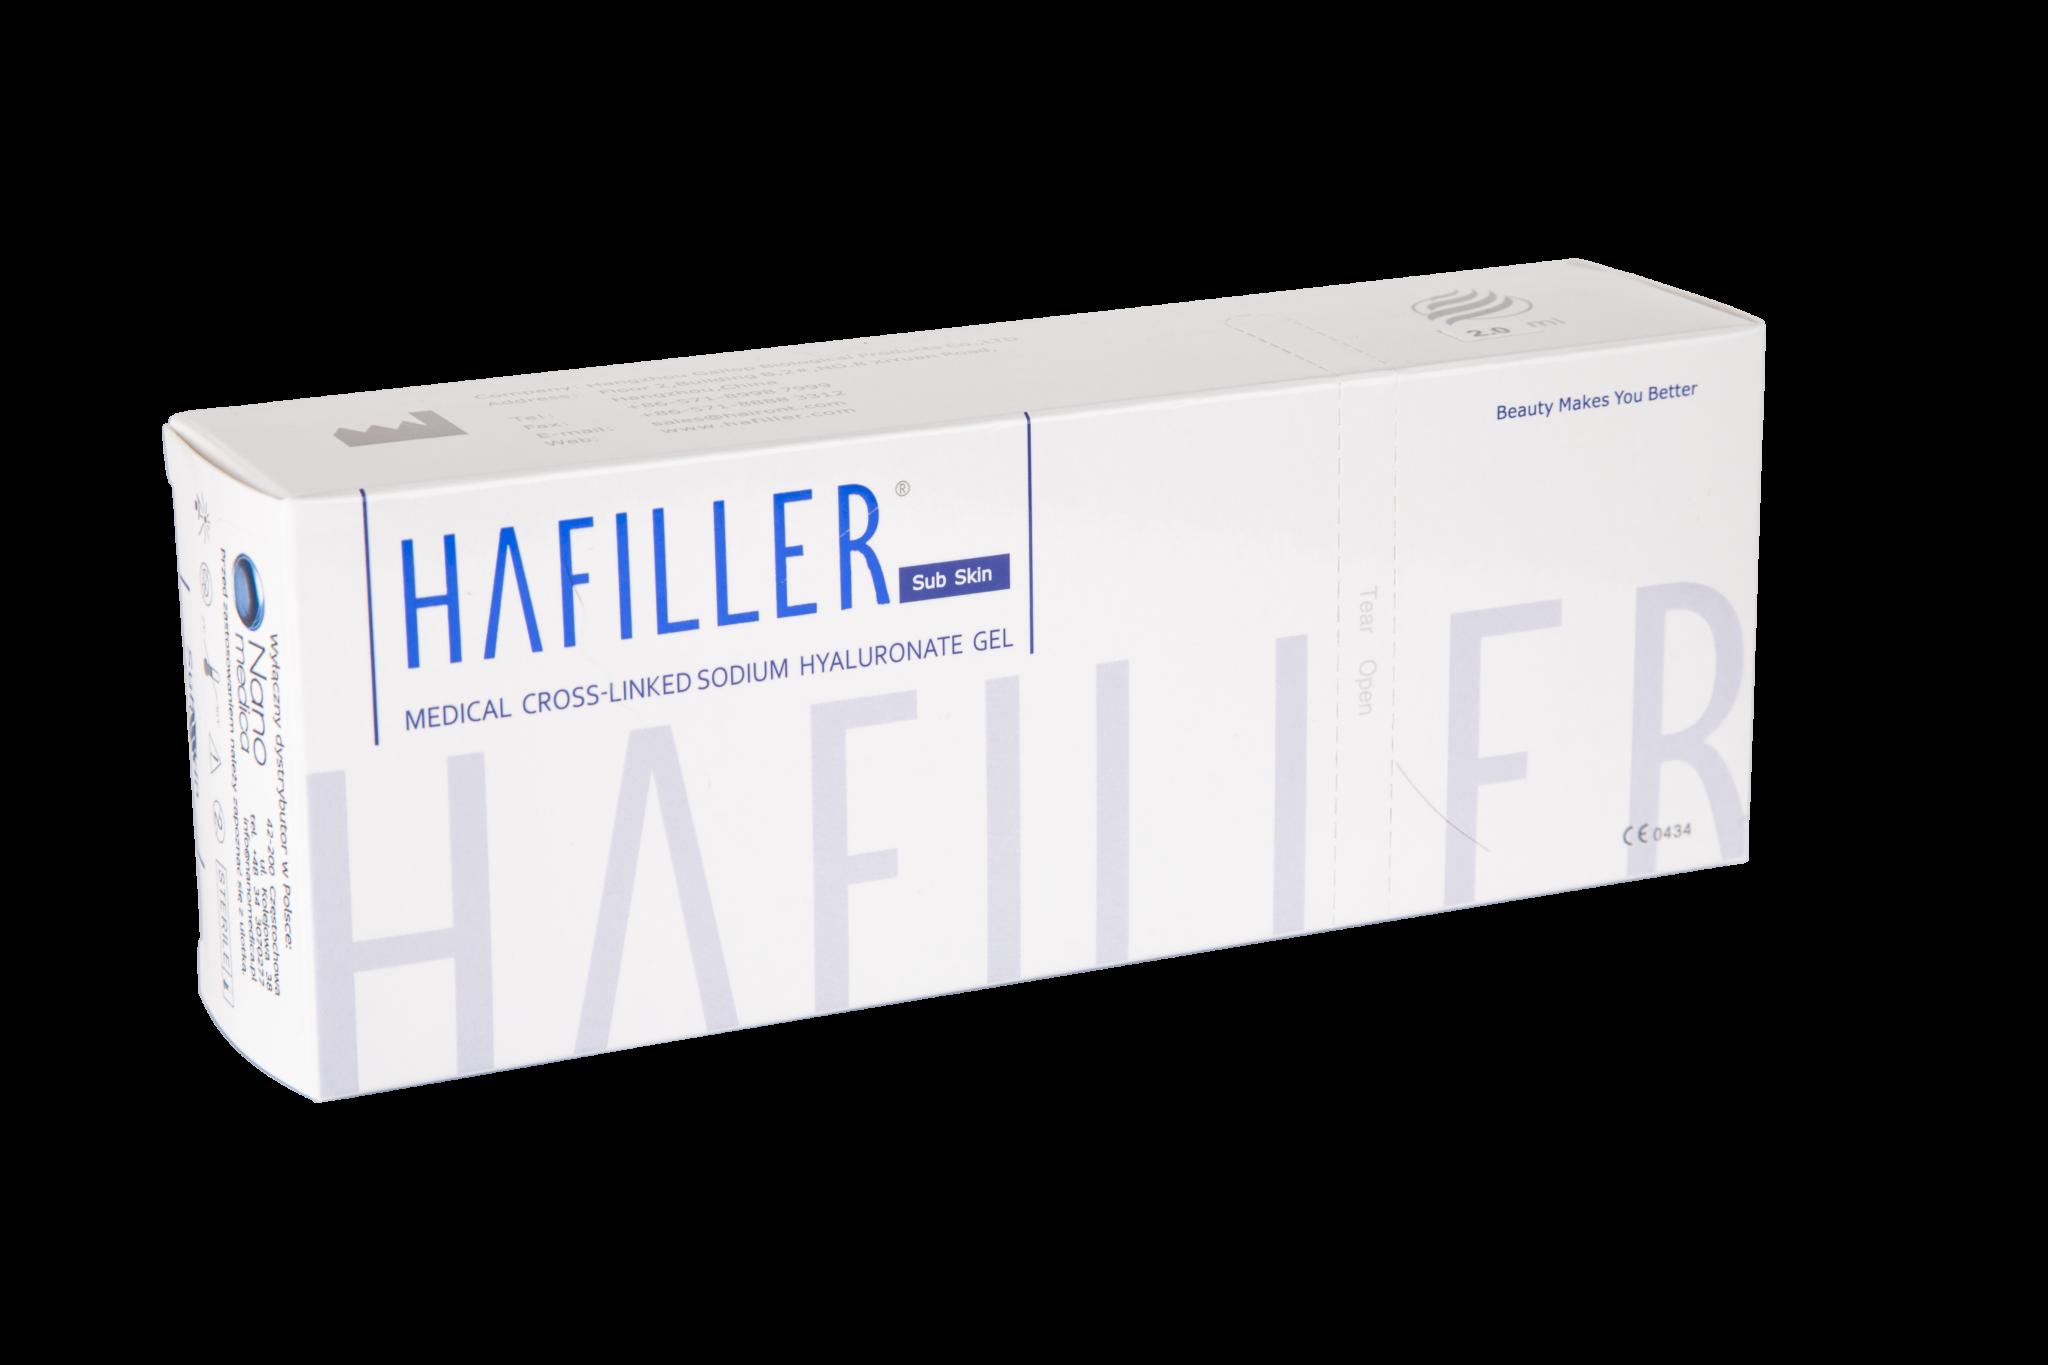 HAFILLER® SUB SKIN